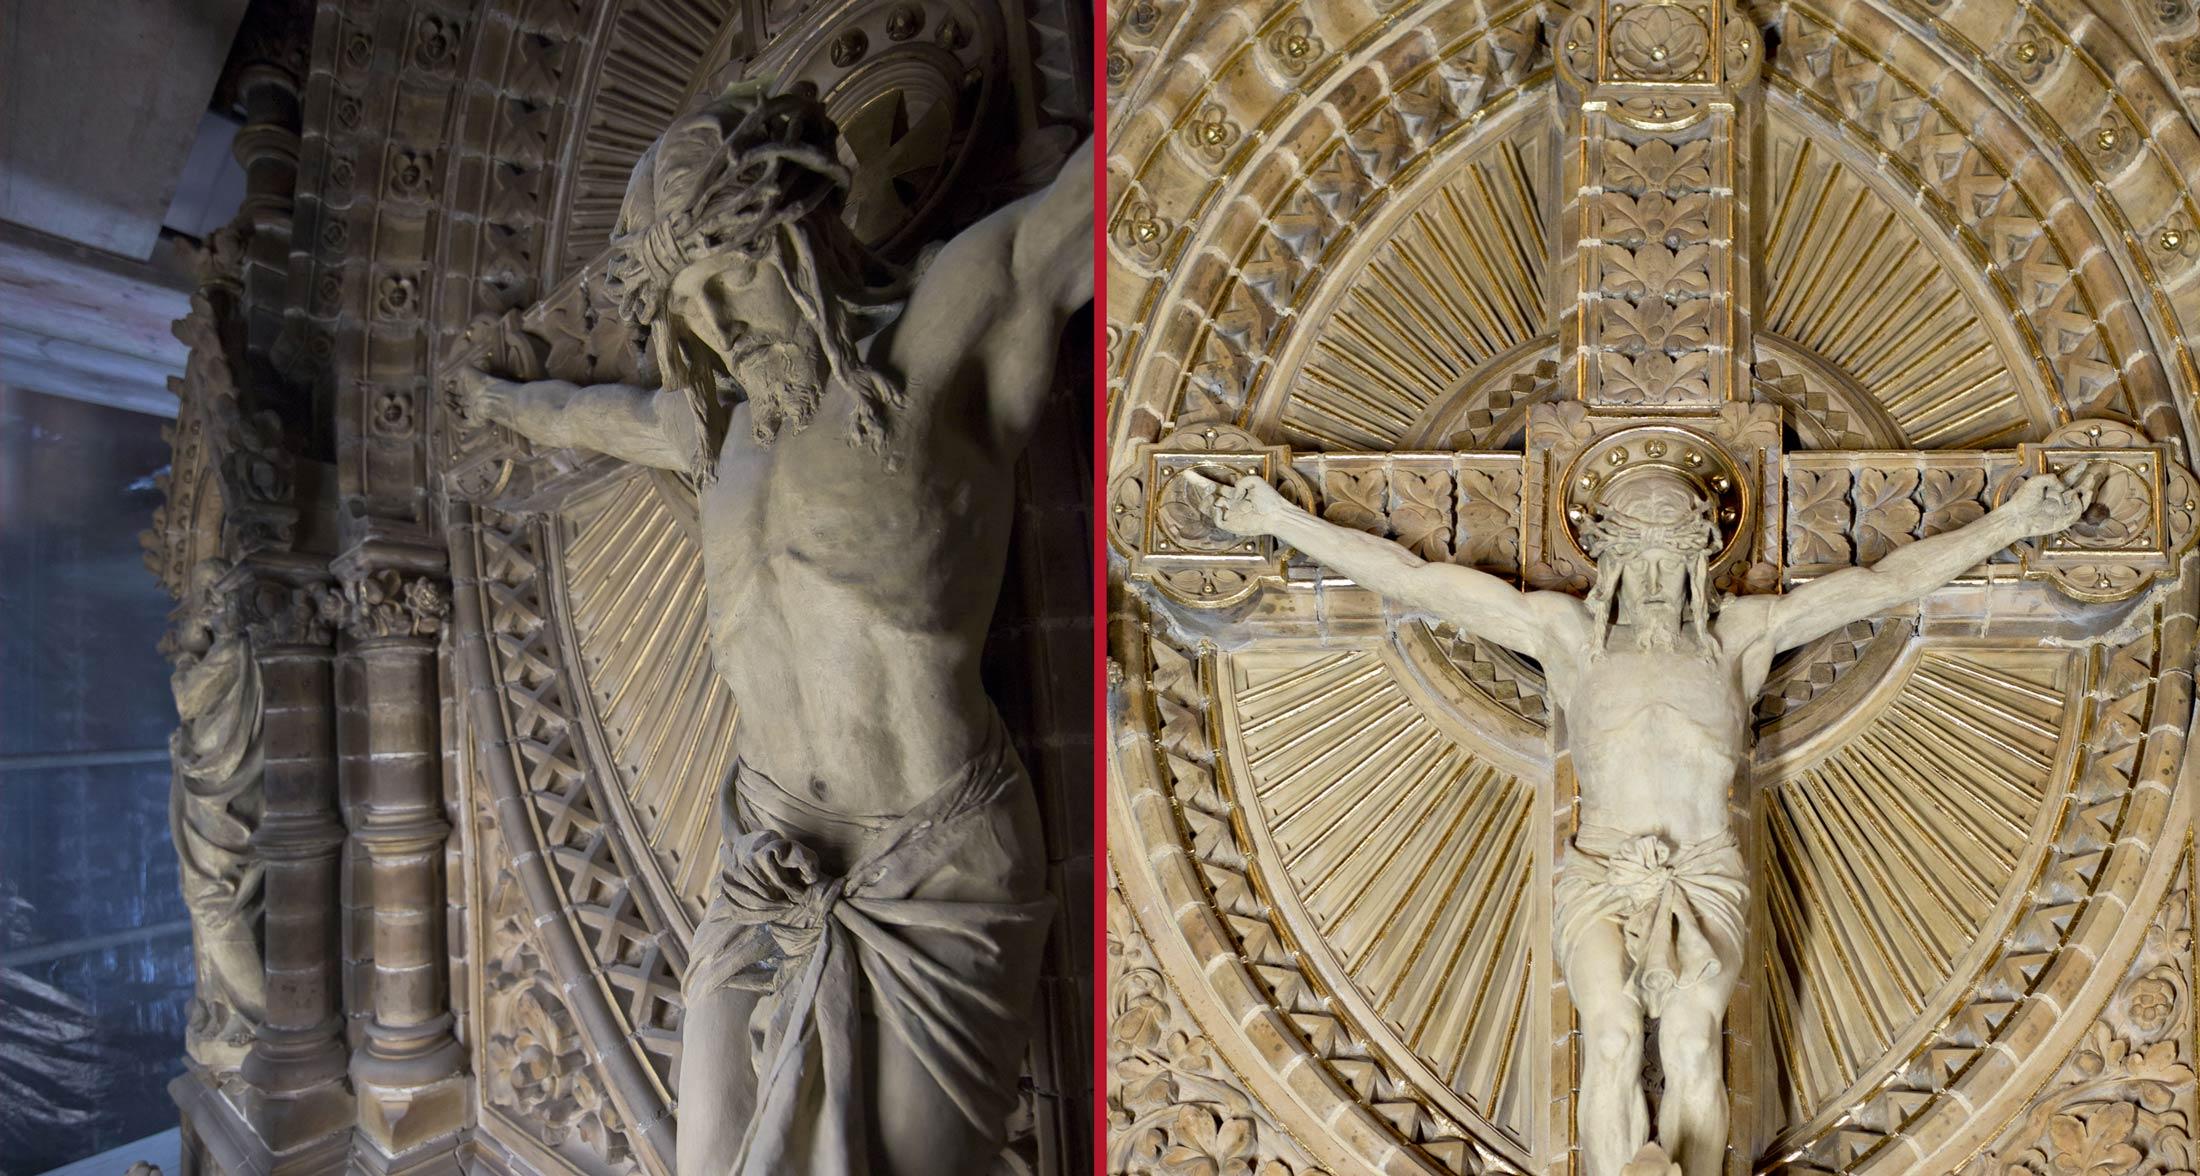 Kreuzigungsskulptur im Schlusszustand - Lutherkirche Apolda